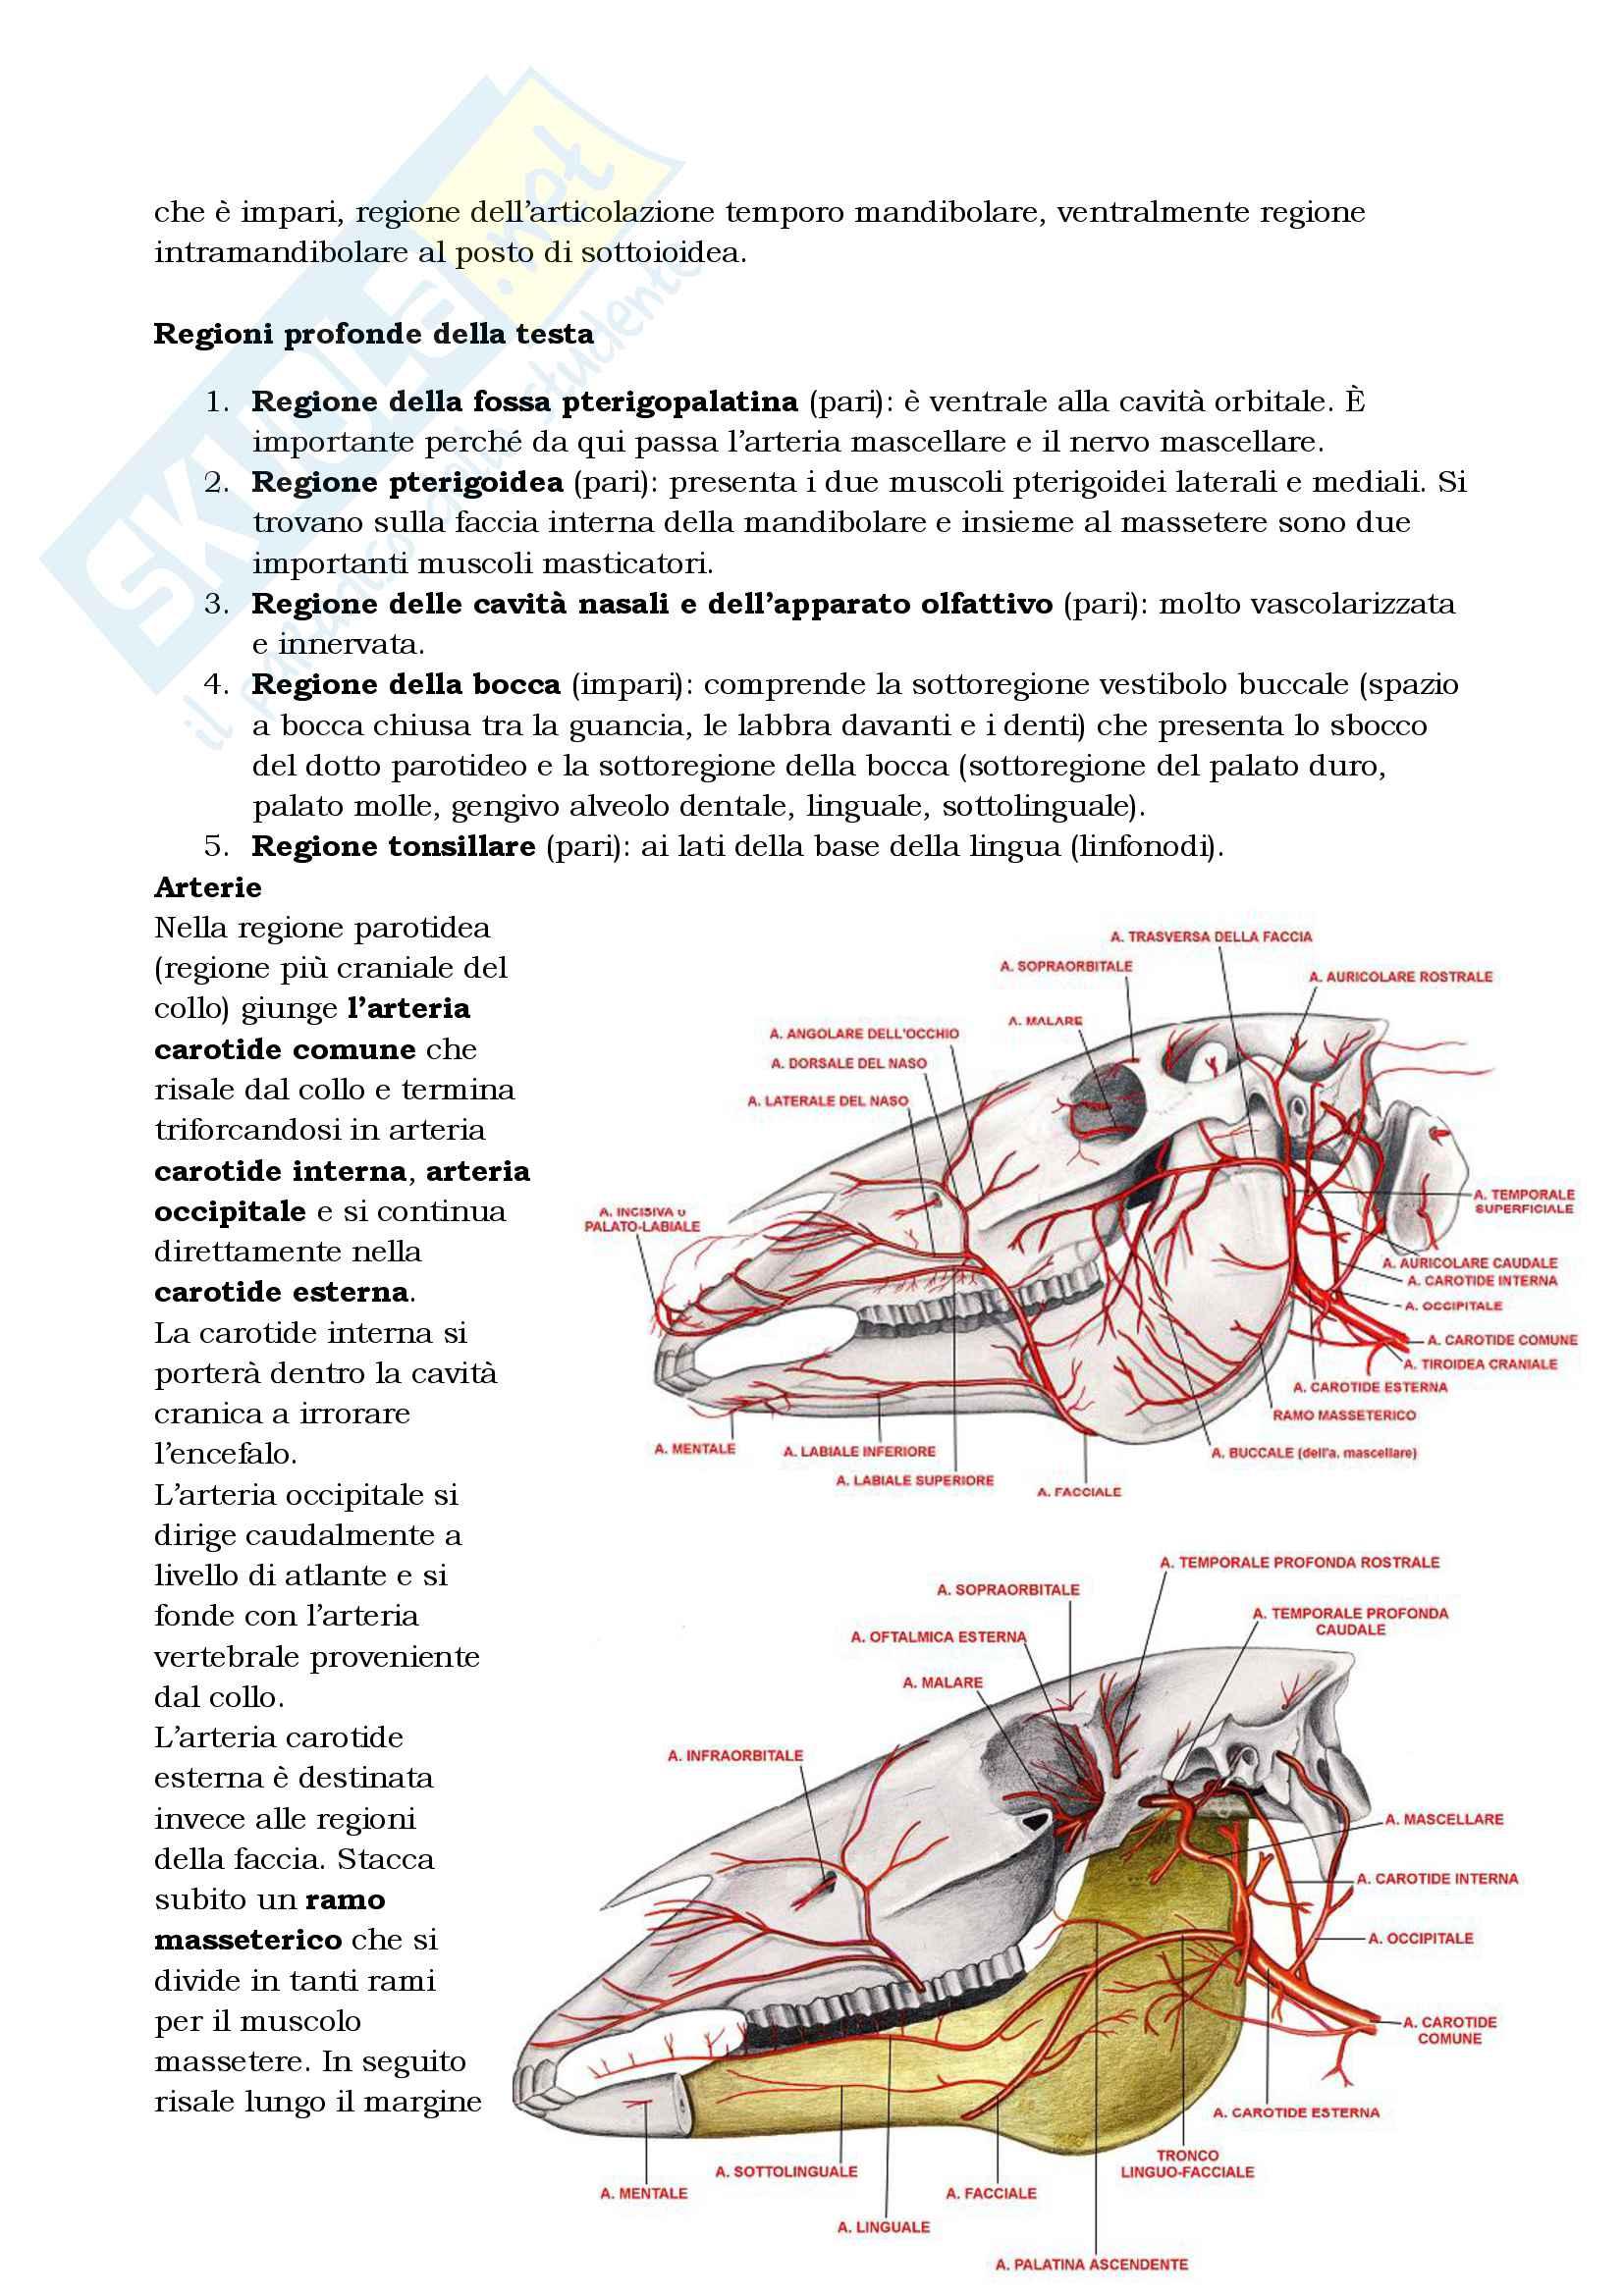 Anatomia topografica veterinaria parte II (piccoli e grandi animali) Pag. 56